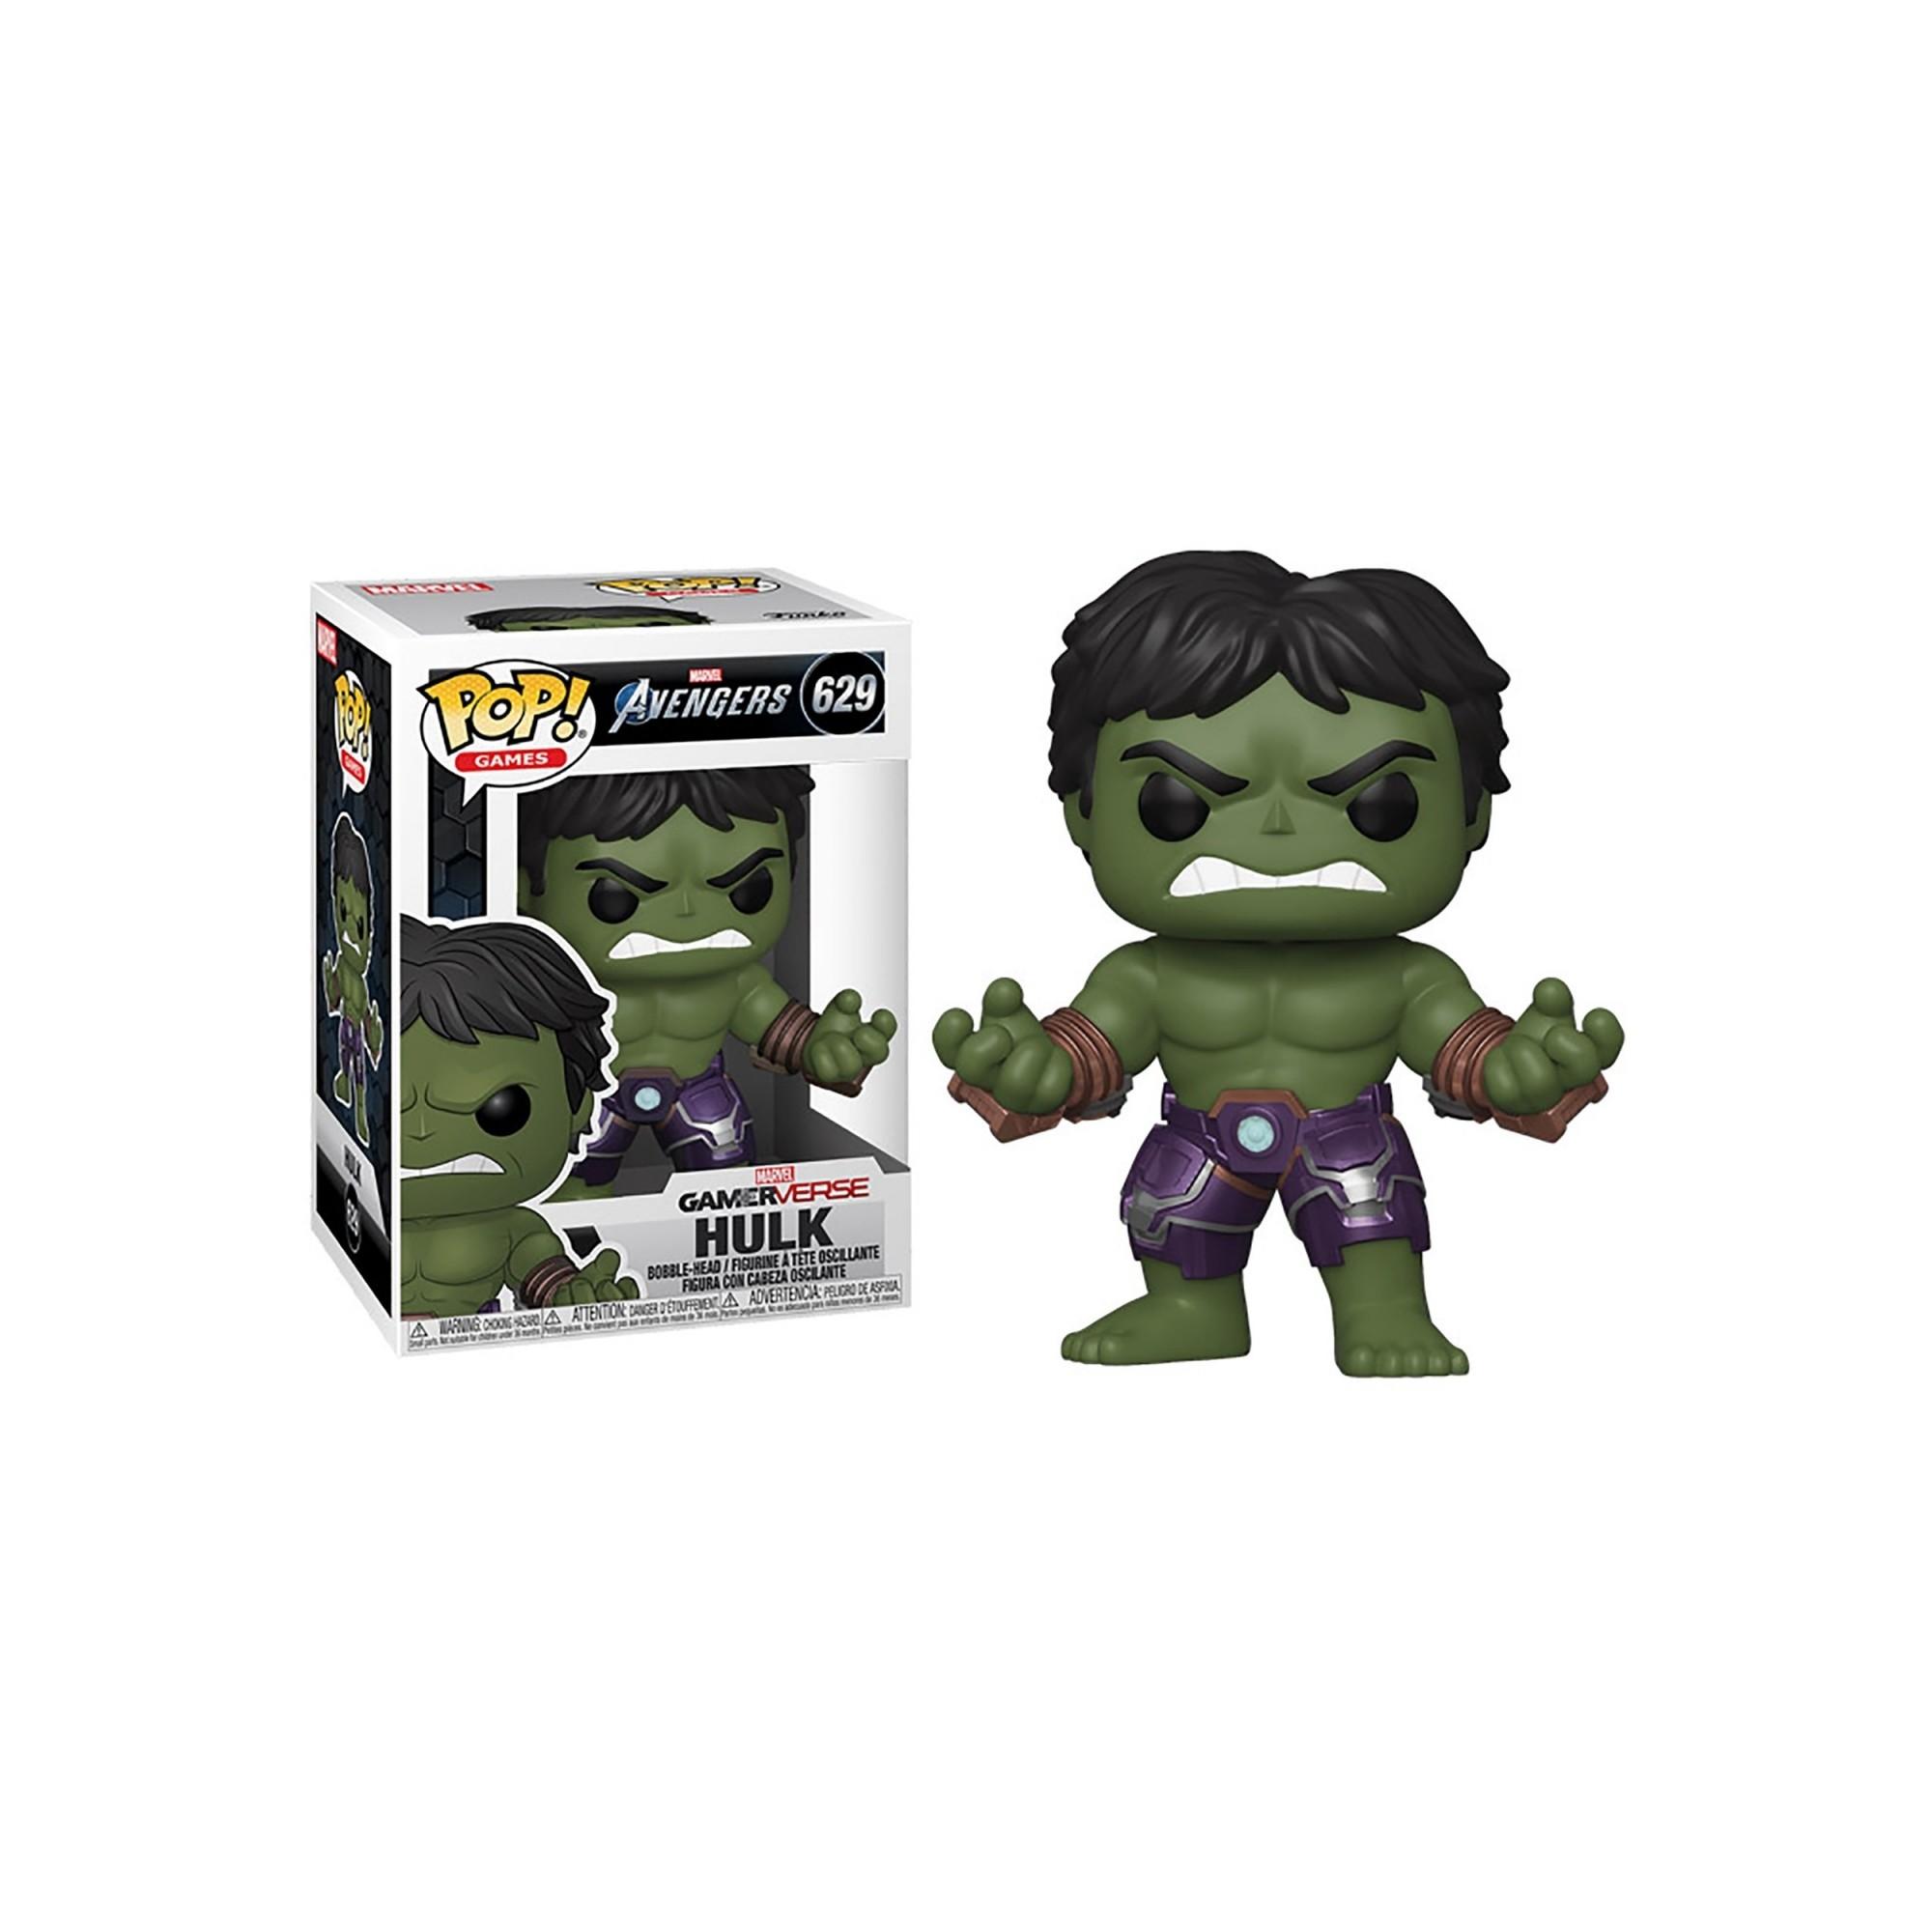 Funko Pop Marvel Avengers Gameverse Hulk 629